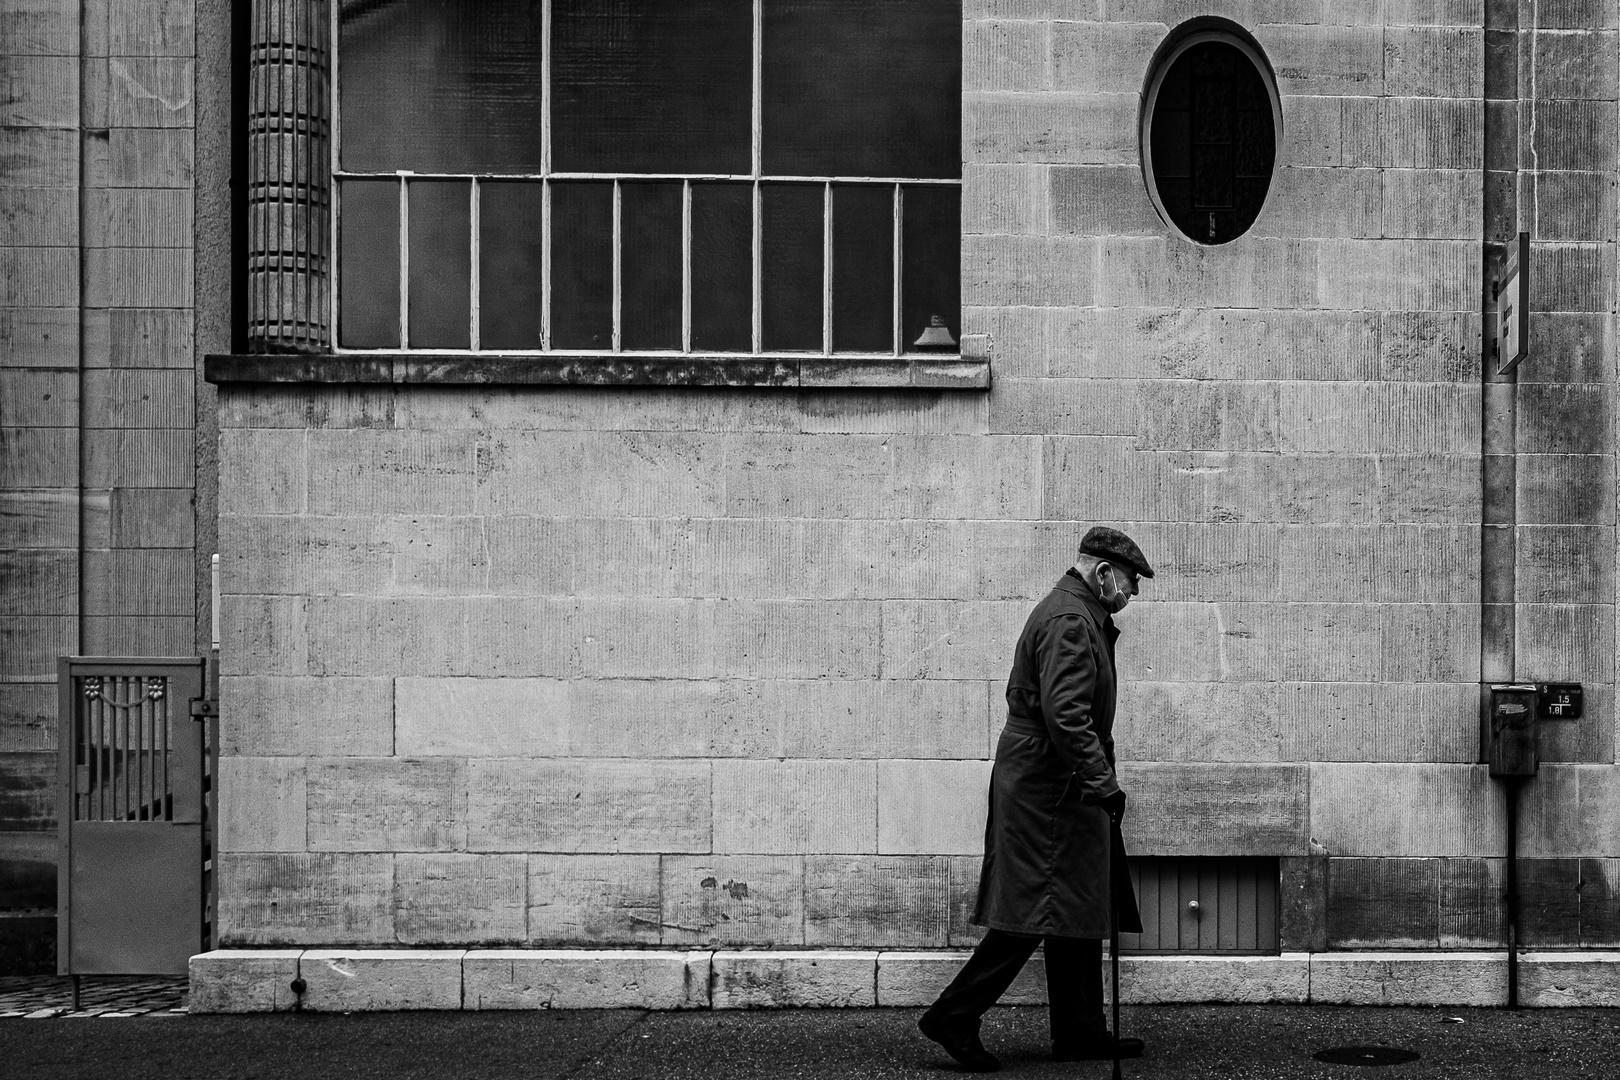 Mann in Grau in Grau in Grauen Zeiten